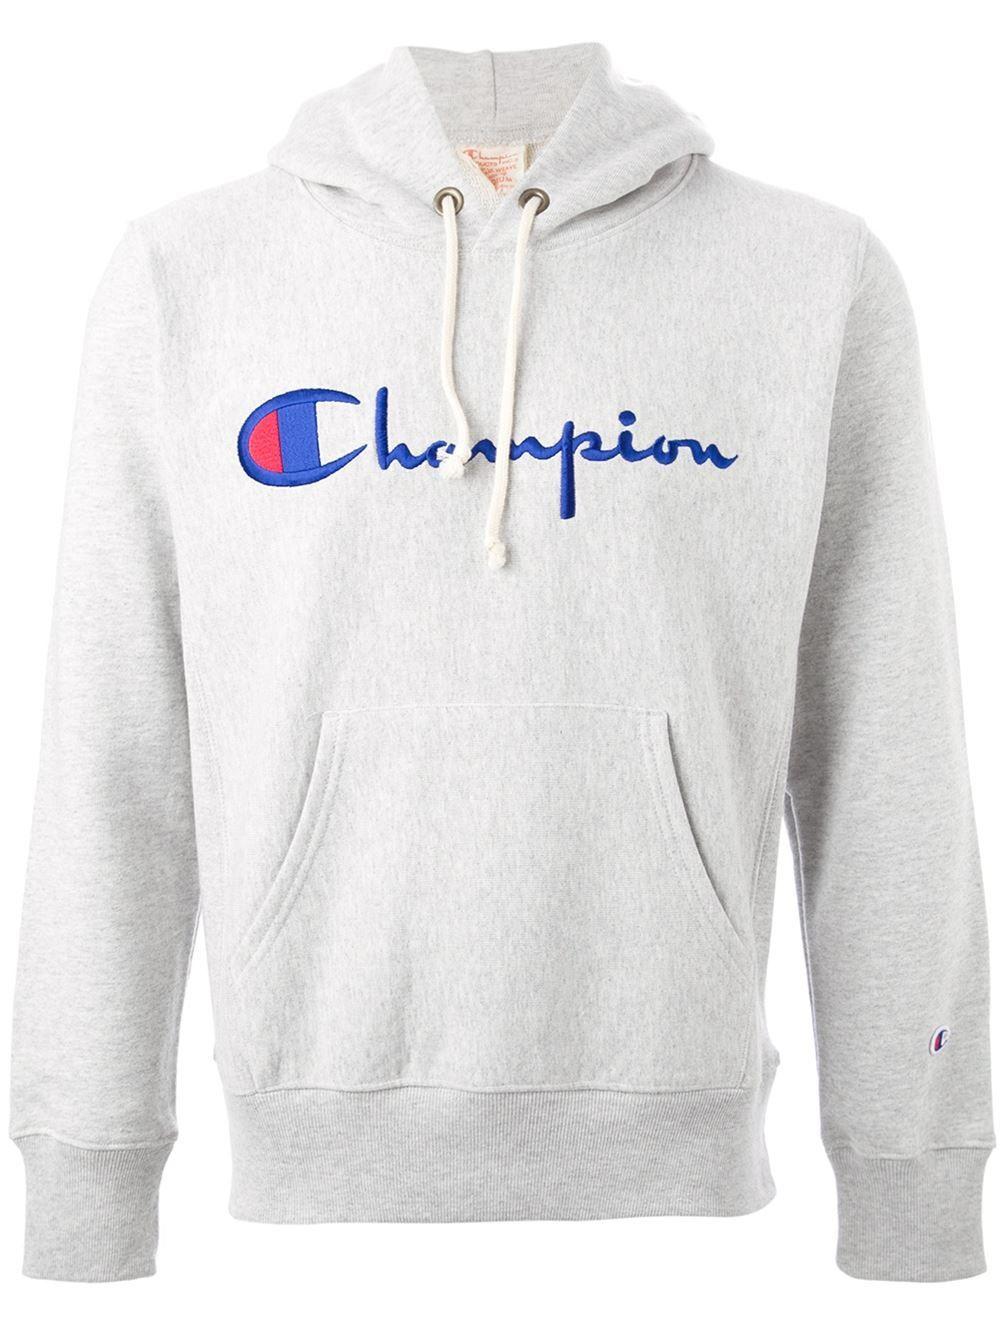 Champion Logo Hoodie Voo Store Farfetch Com Hoodies Gray Hoodies Hoodie Design [ 1334 x 1000 Pixel ]